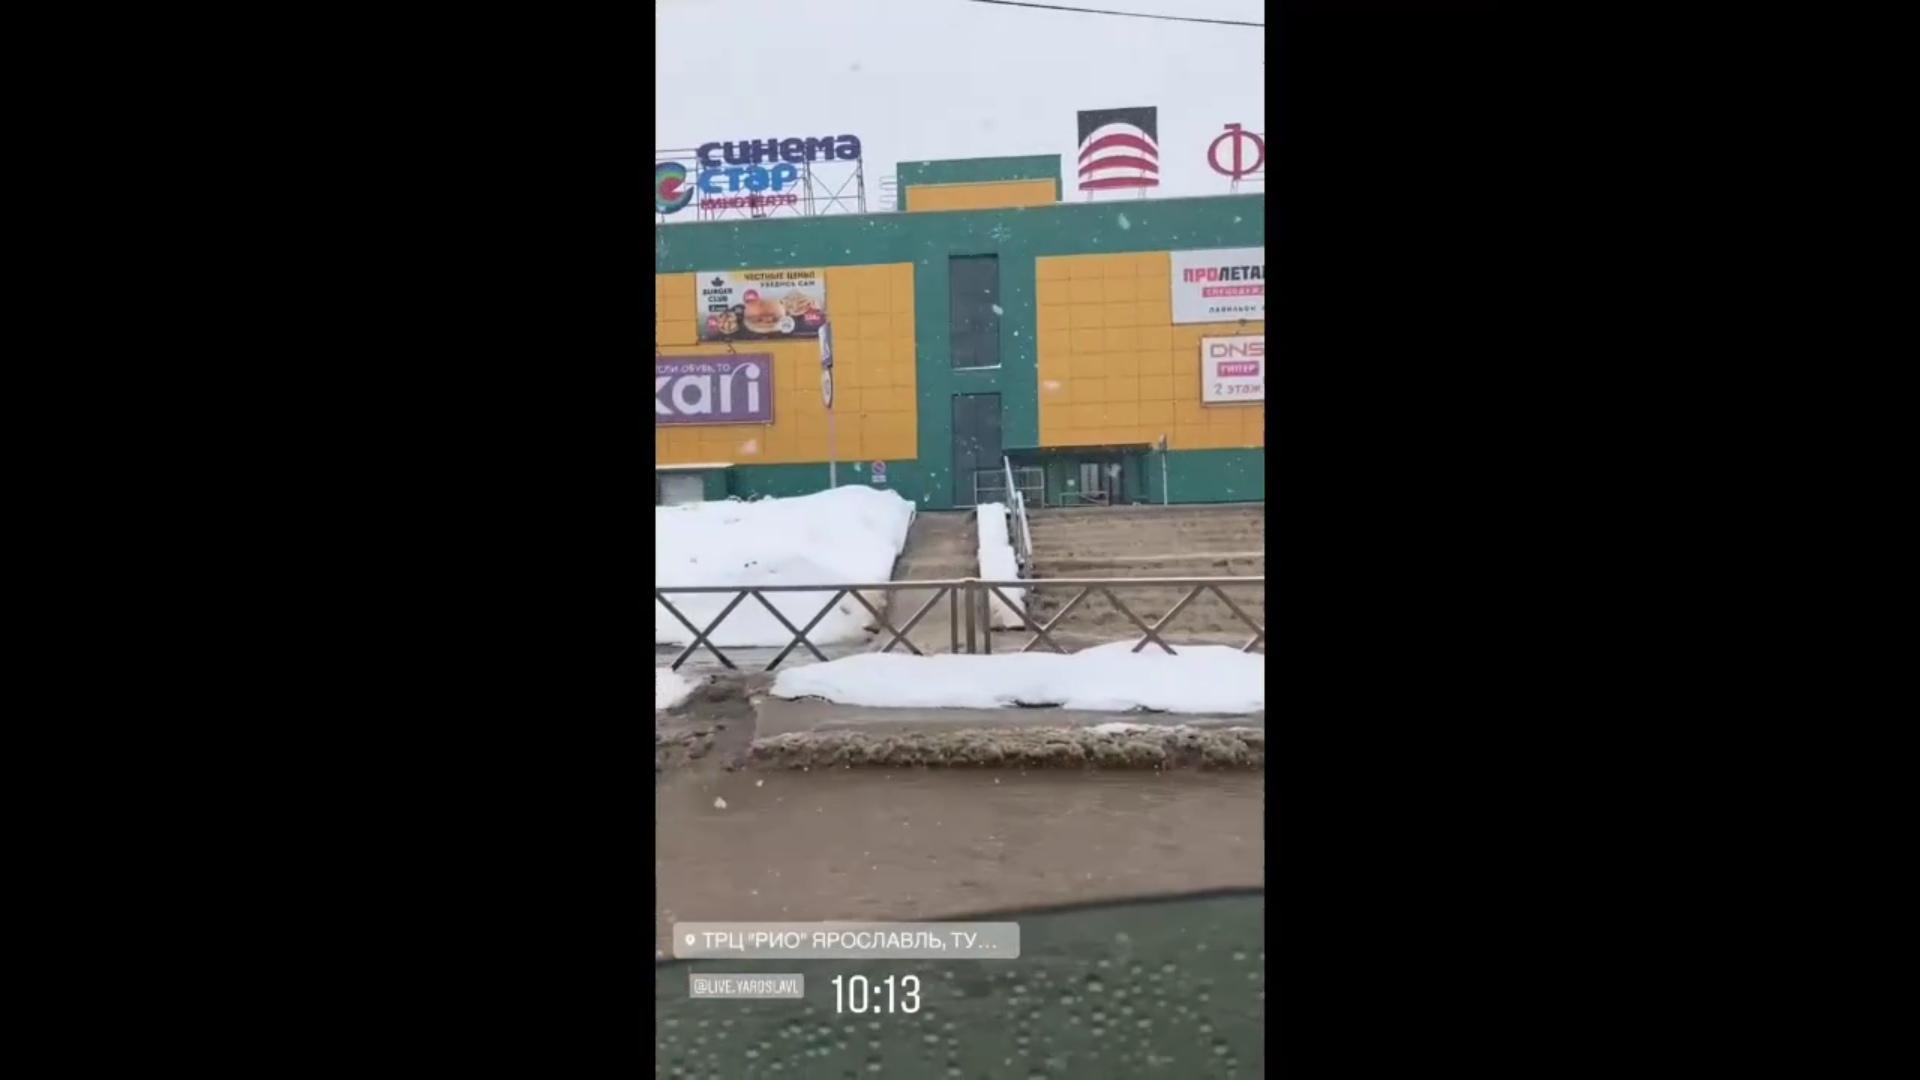 В Ярославле затопило торговый центр и его окрестности: видео